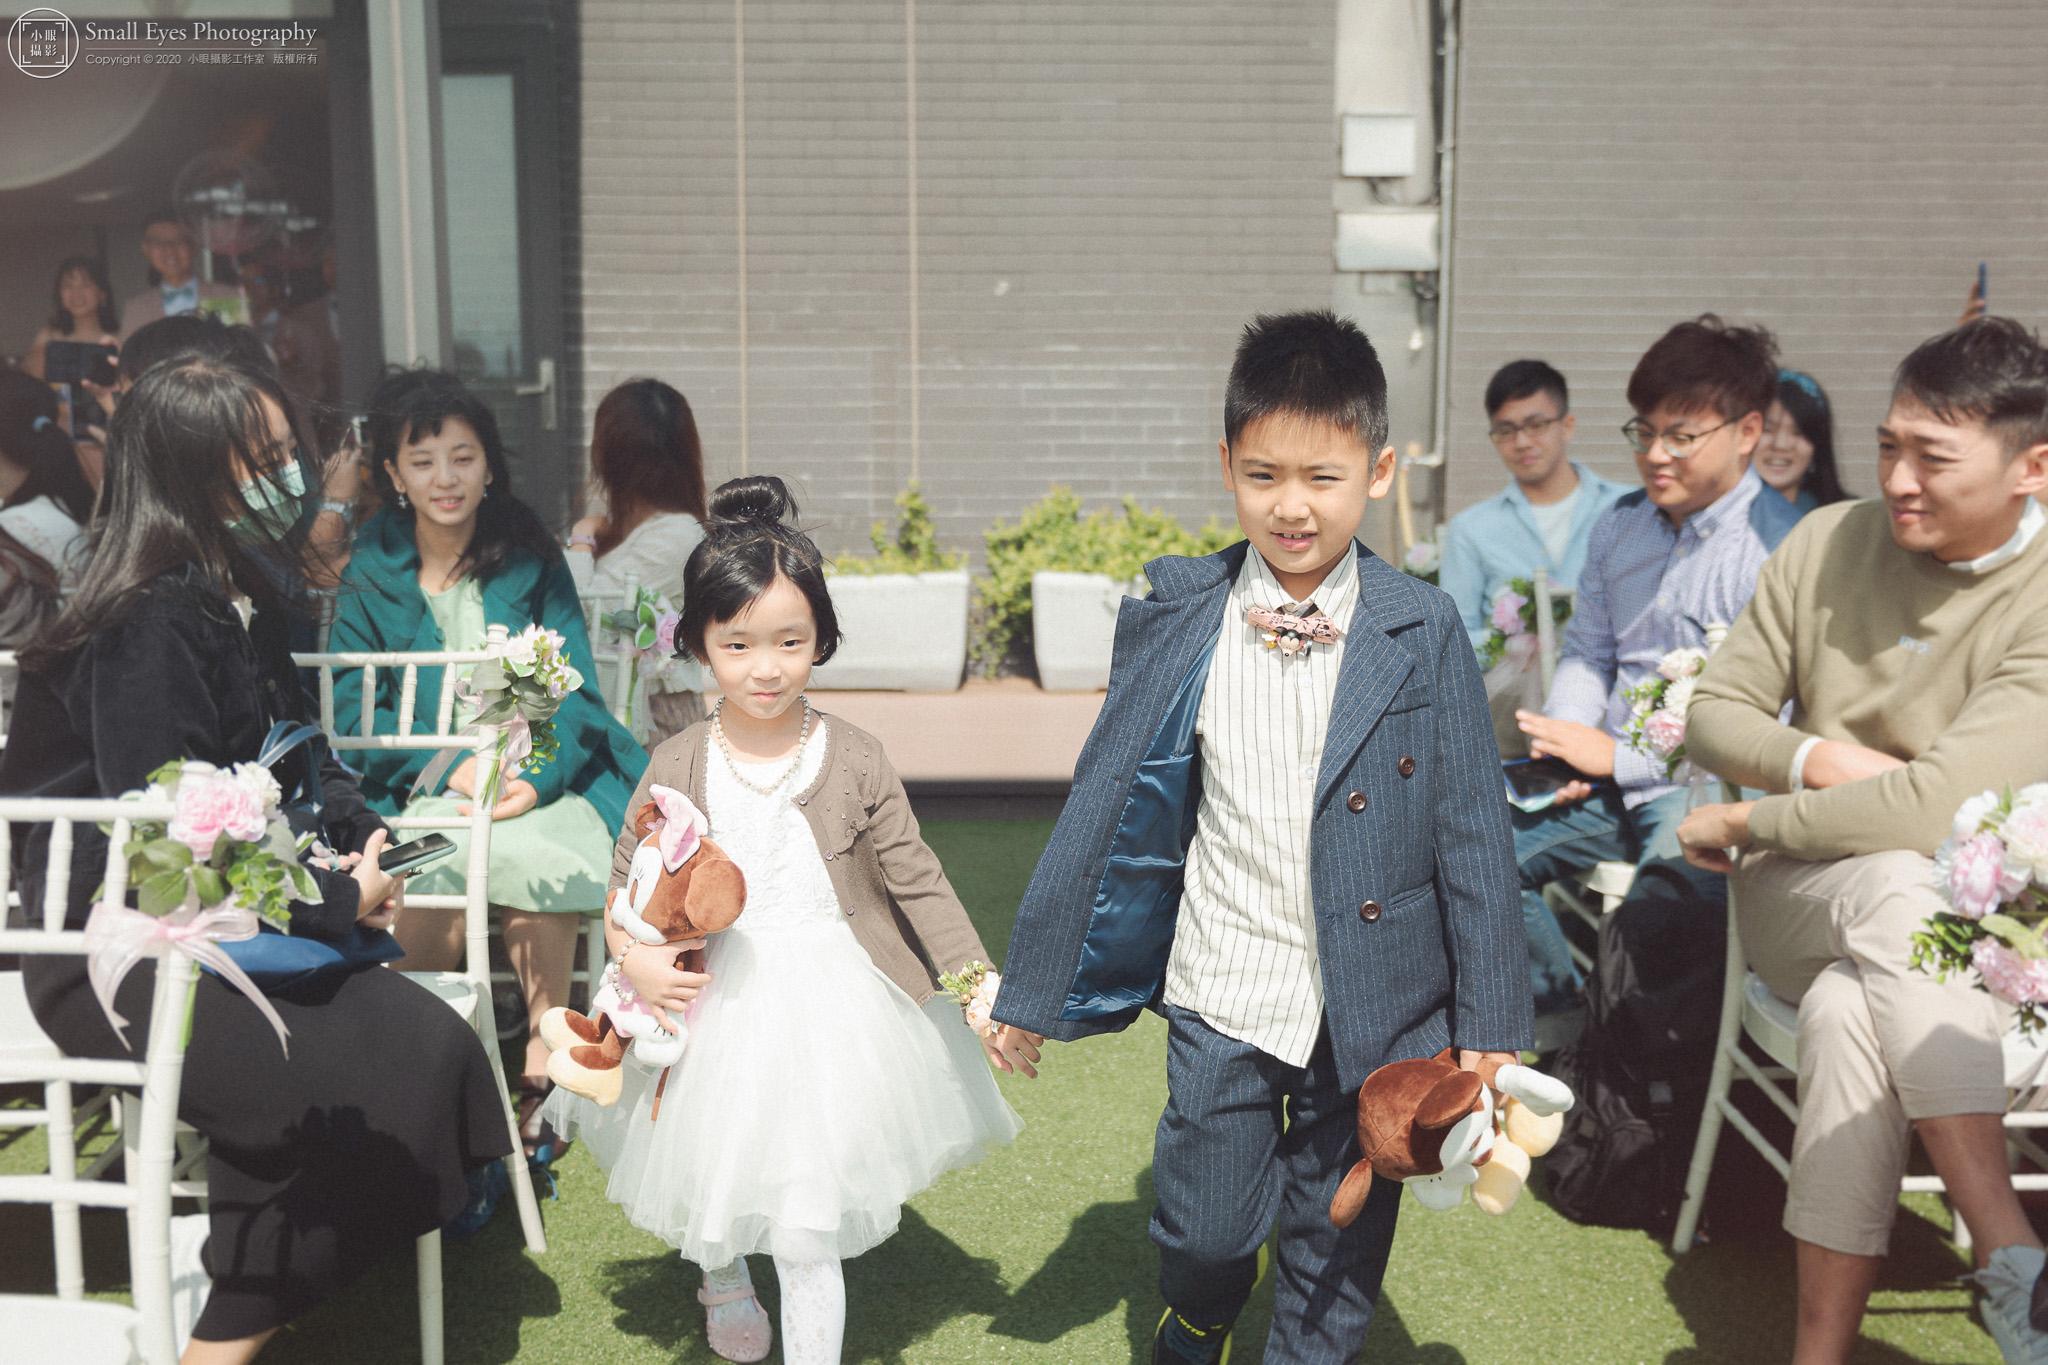 小眼攝影,傅祐承,婚禮攝影,婚攝,婚禮紀實,婚禮紀錄,貳月婚紗,新秘瓜瓜,迎娶,台北,格萊天漾,花童